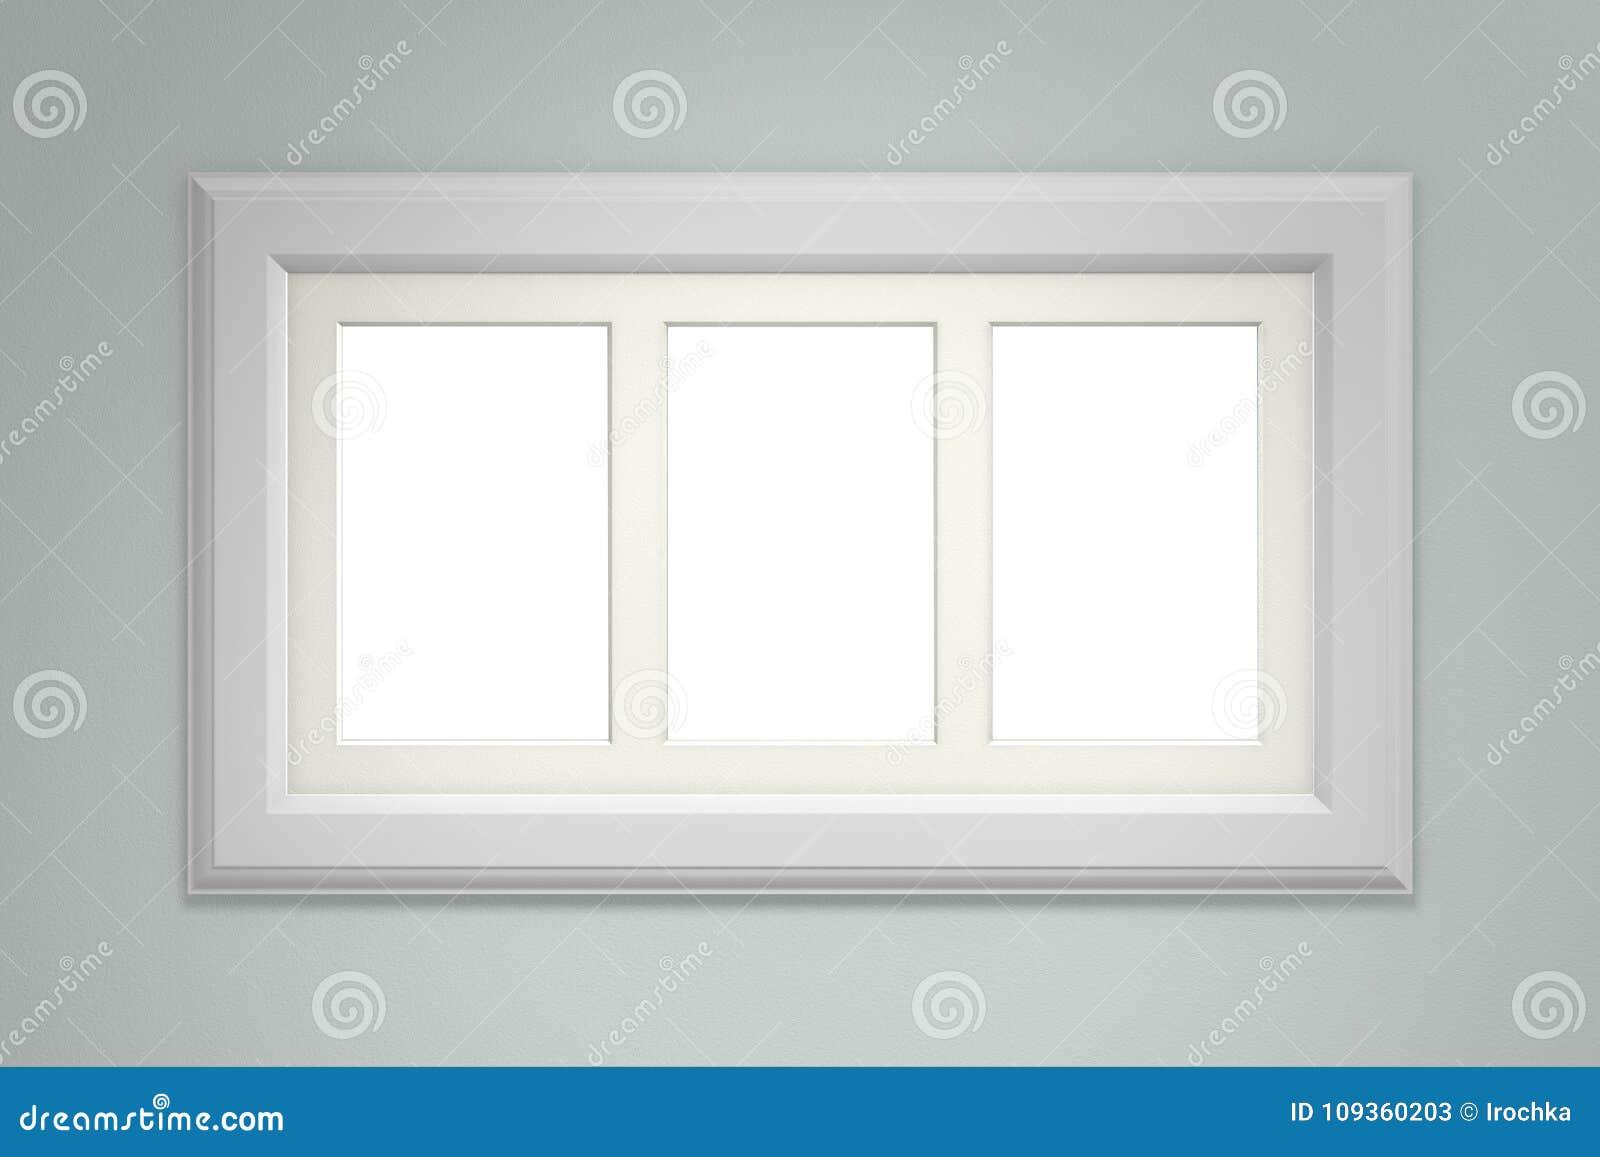 Weißer Bilderrahmen Auf Grauer Wand Stock Abbildung - Illustration ...